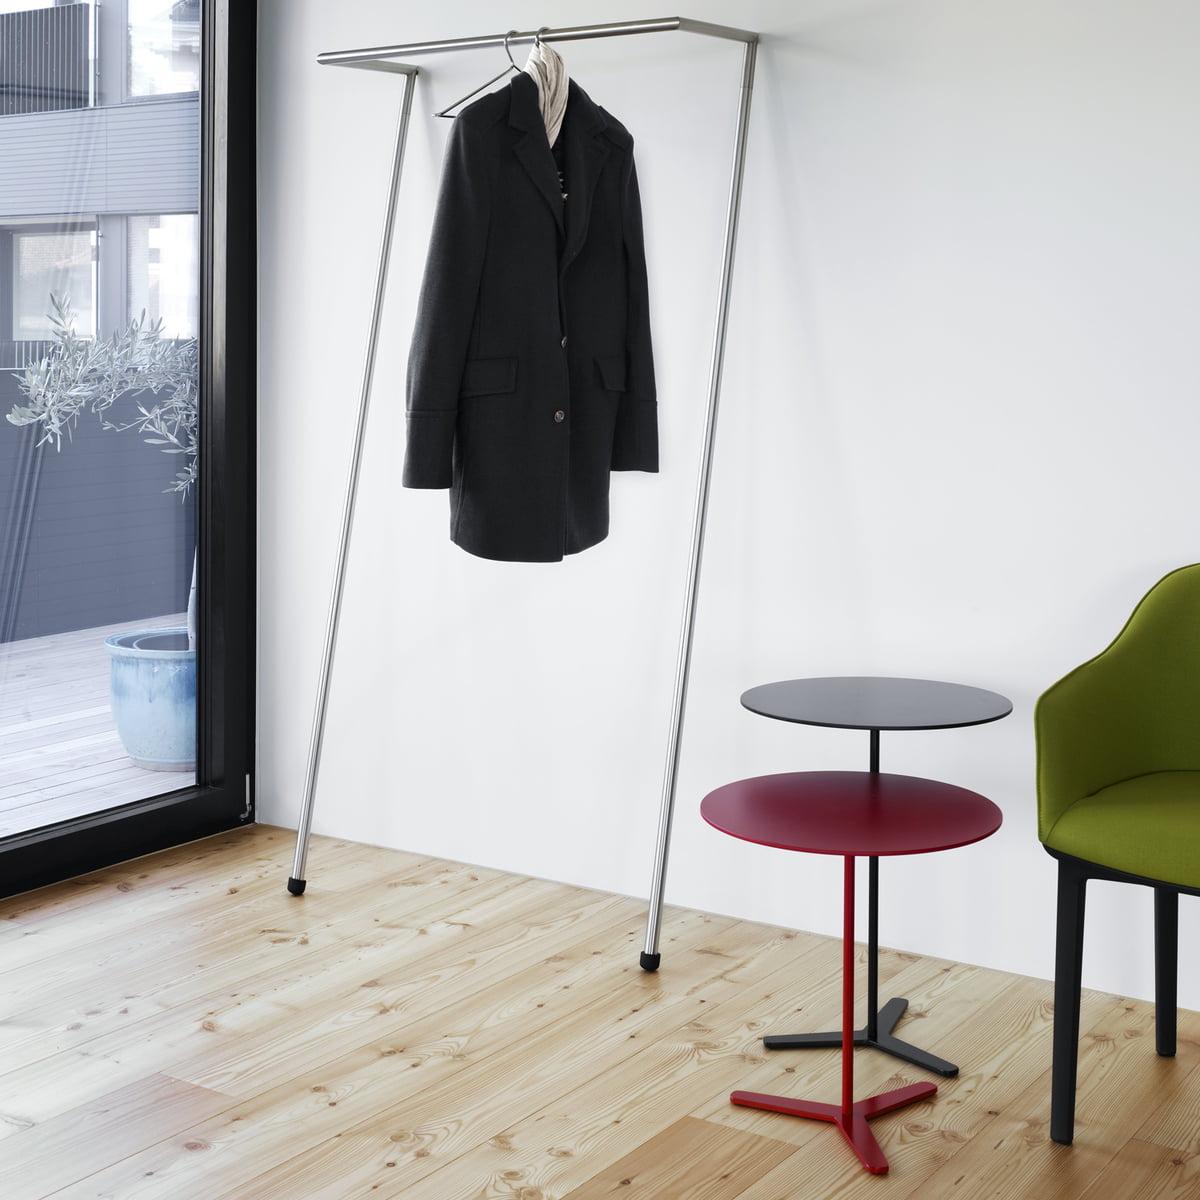 Zen LeanOn Coat Rack Mox Connox Shop